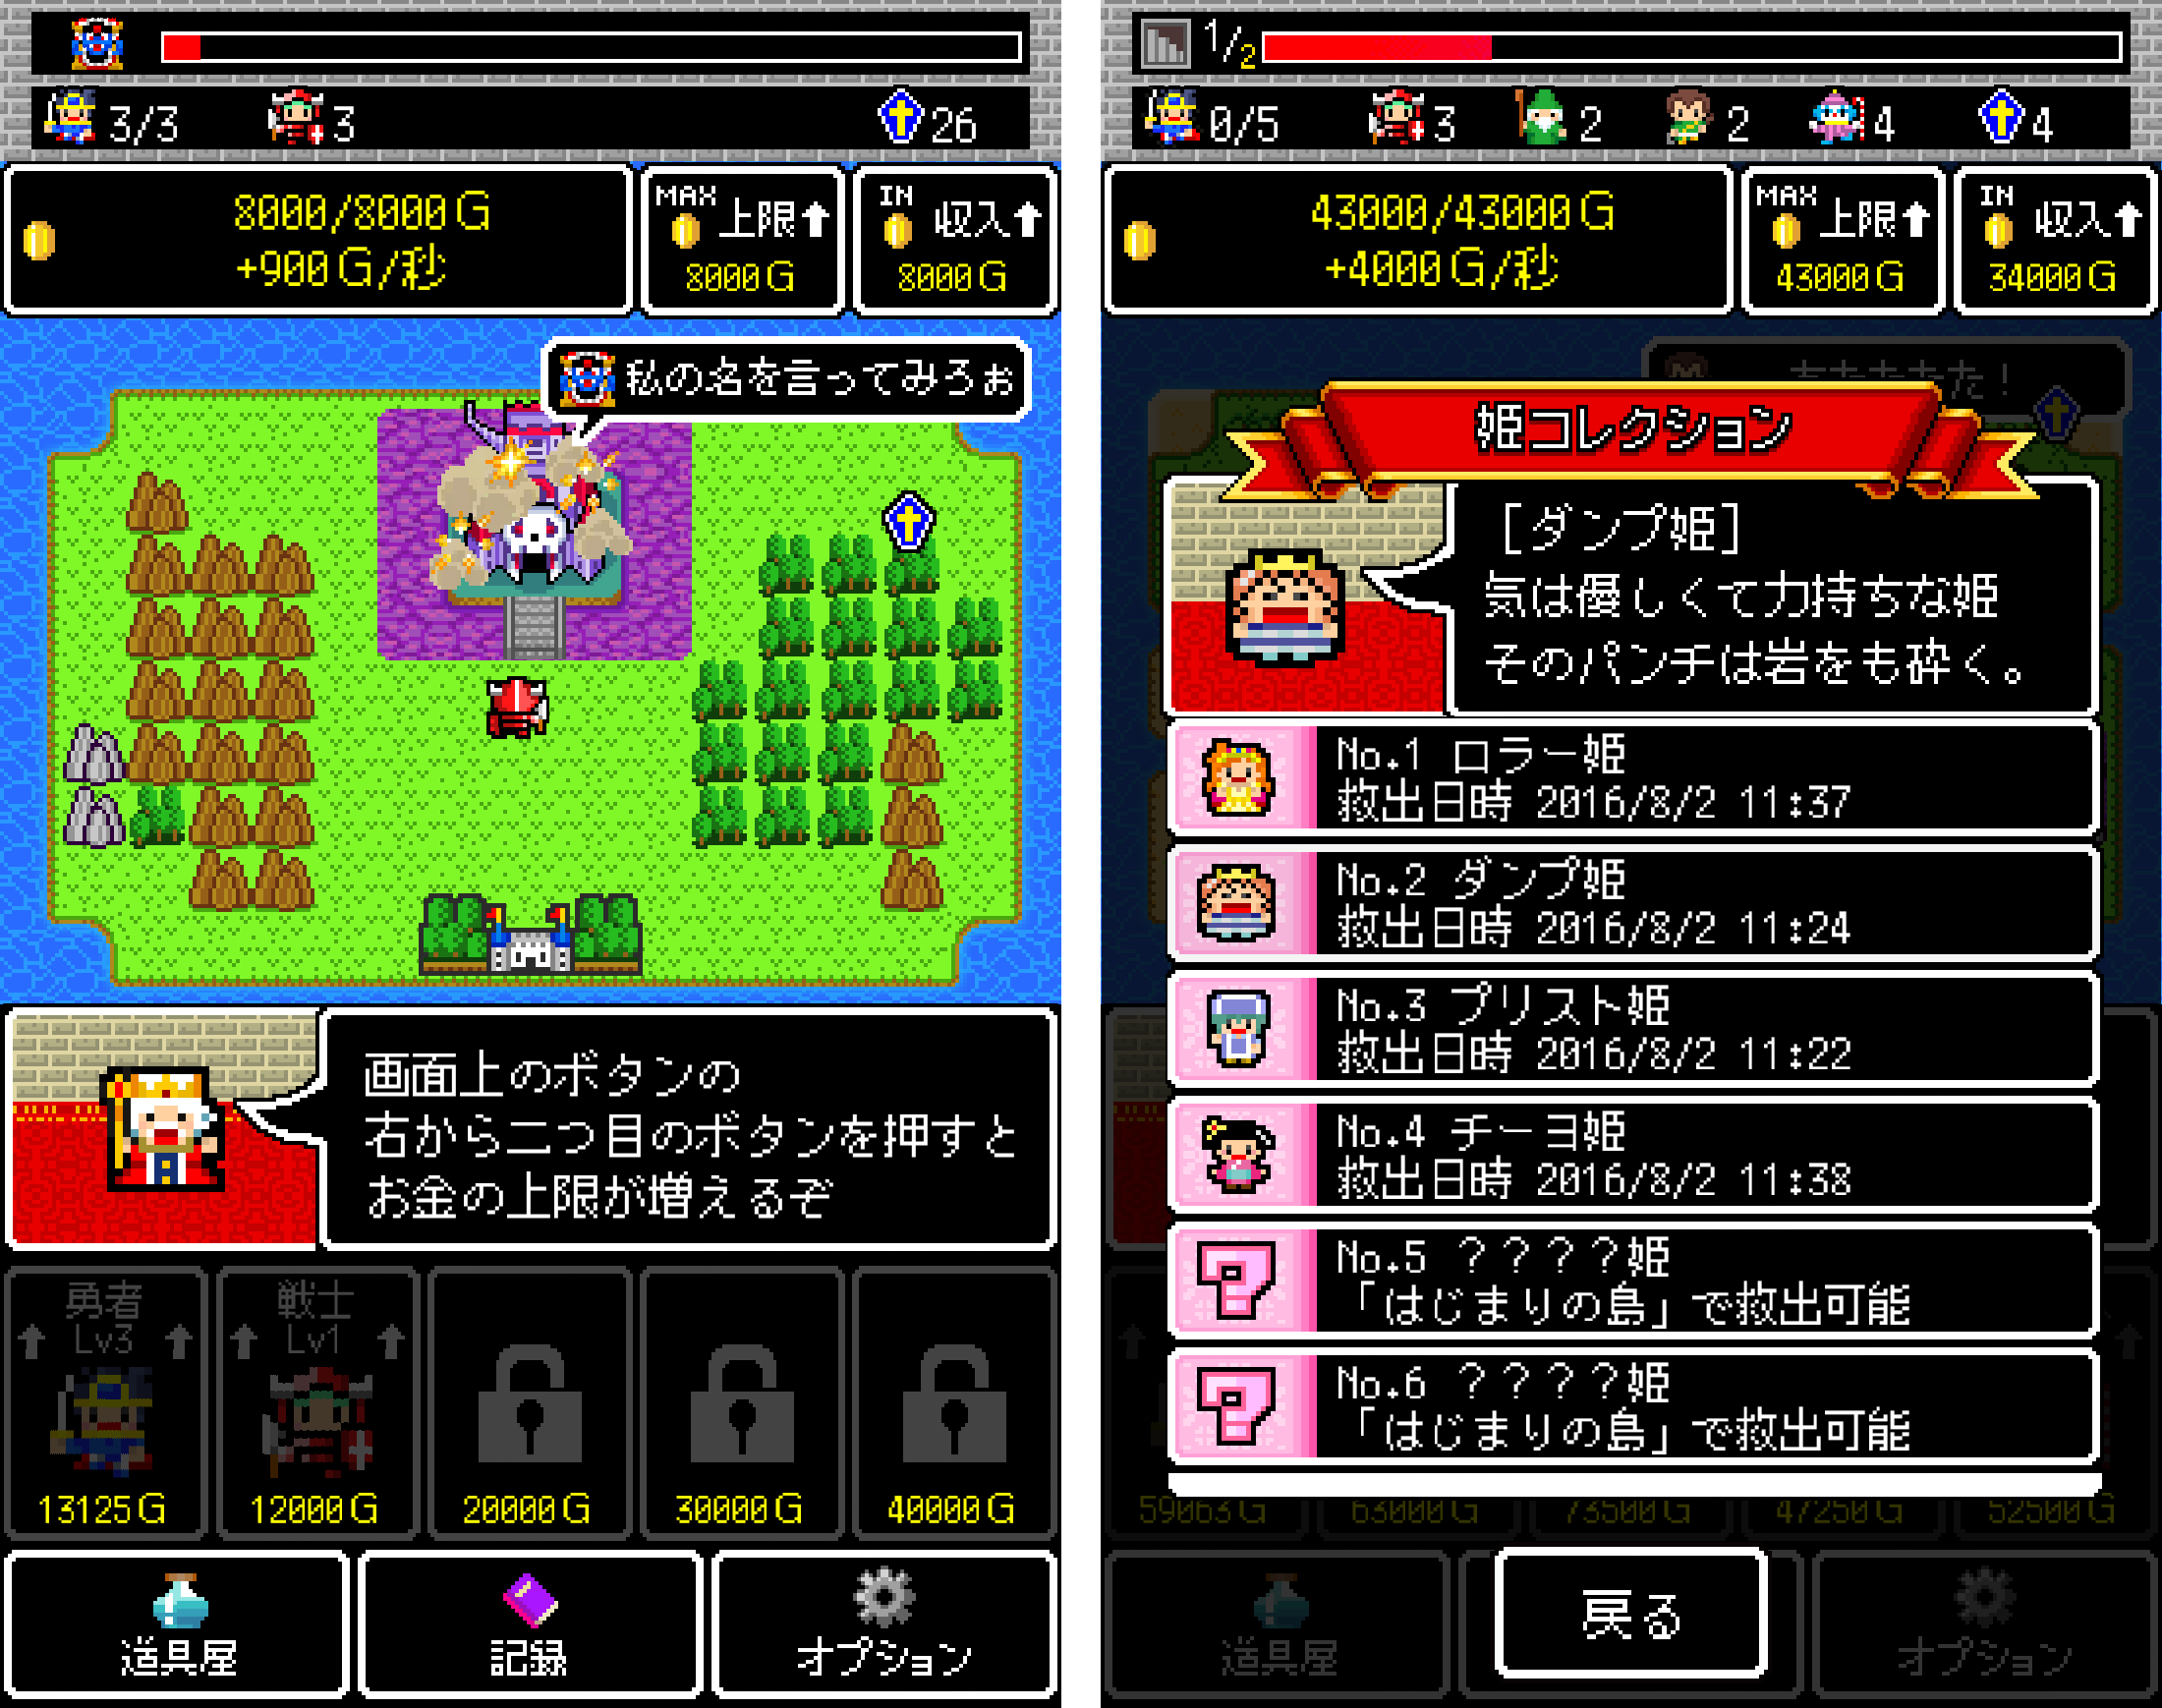 魔王クエスト androidアプリスクリーンショット3